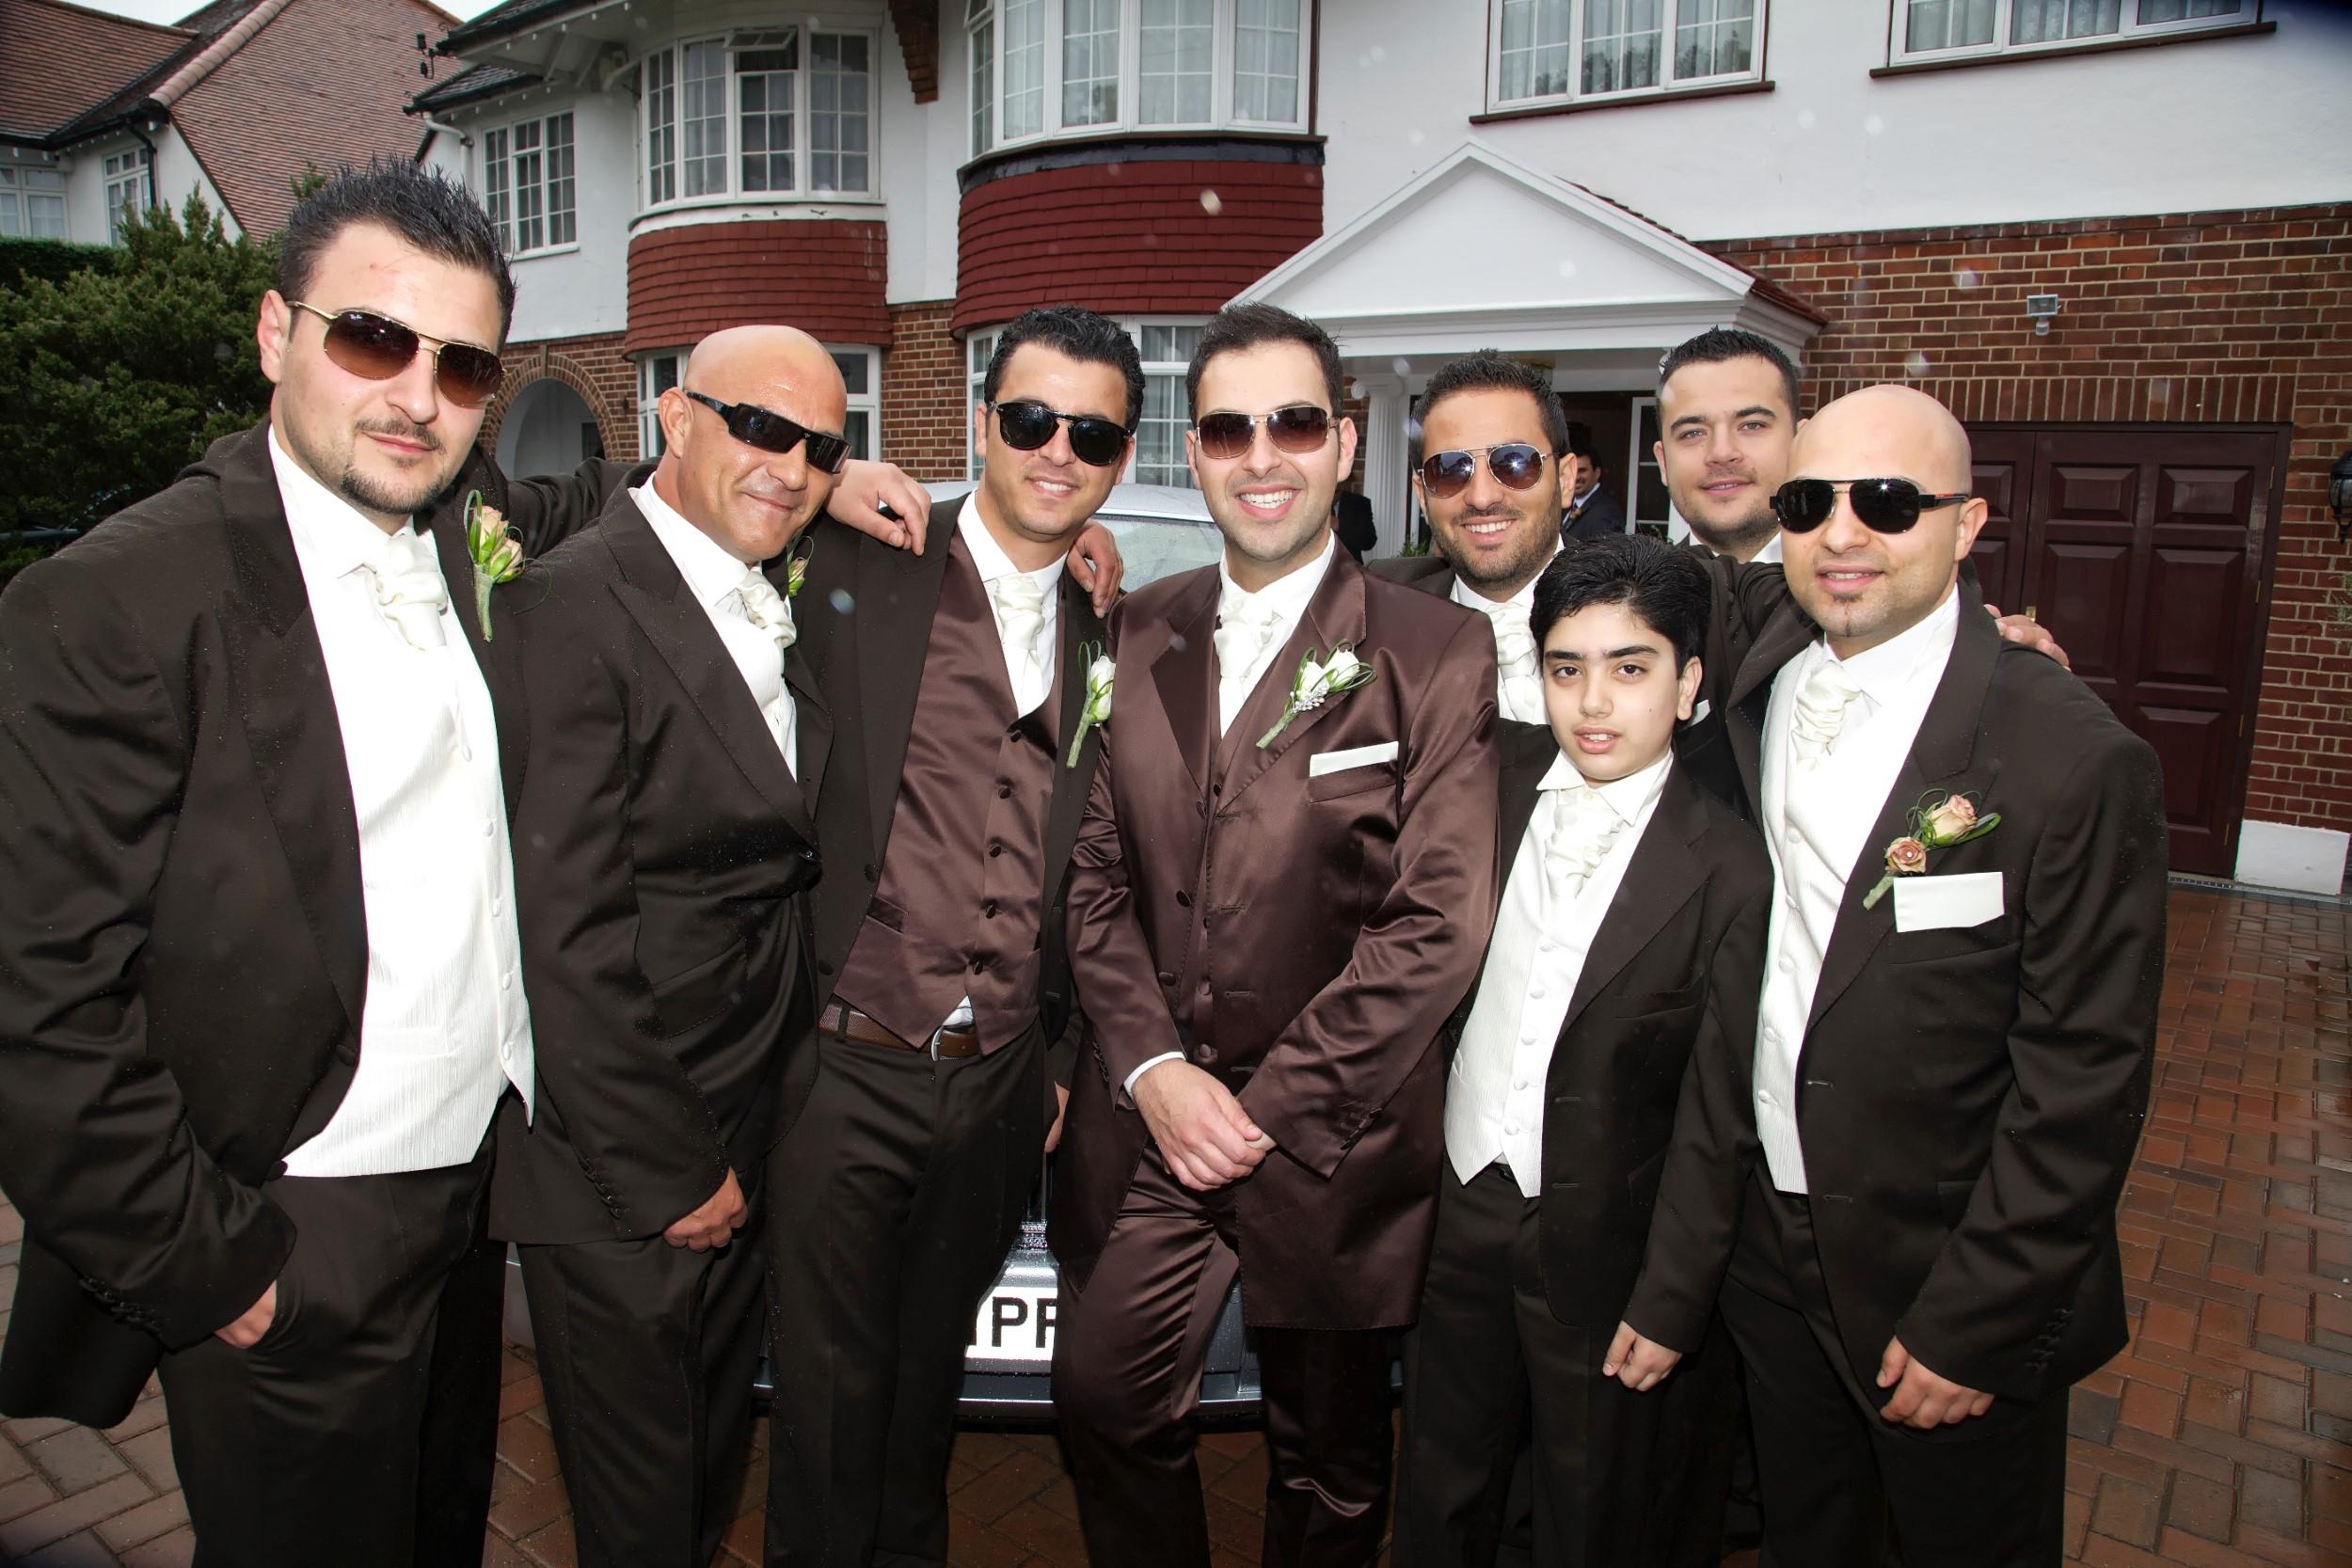 WEDDING BEST MAN BEST MEN WITH GROOM (1) 007120 (Custom)